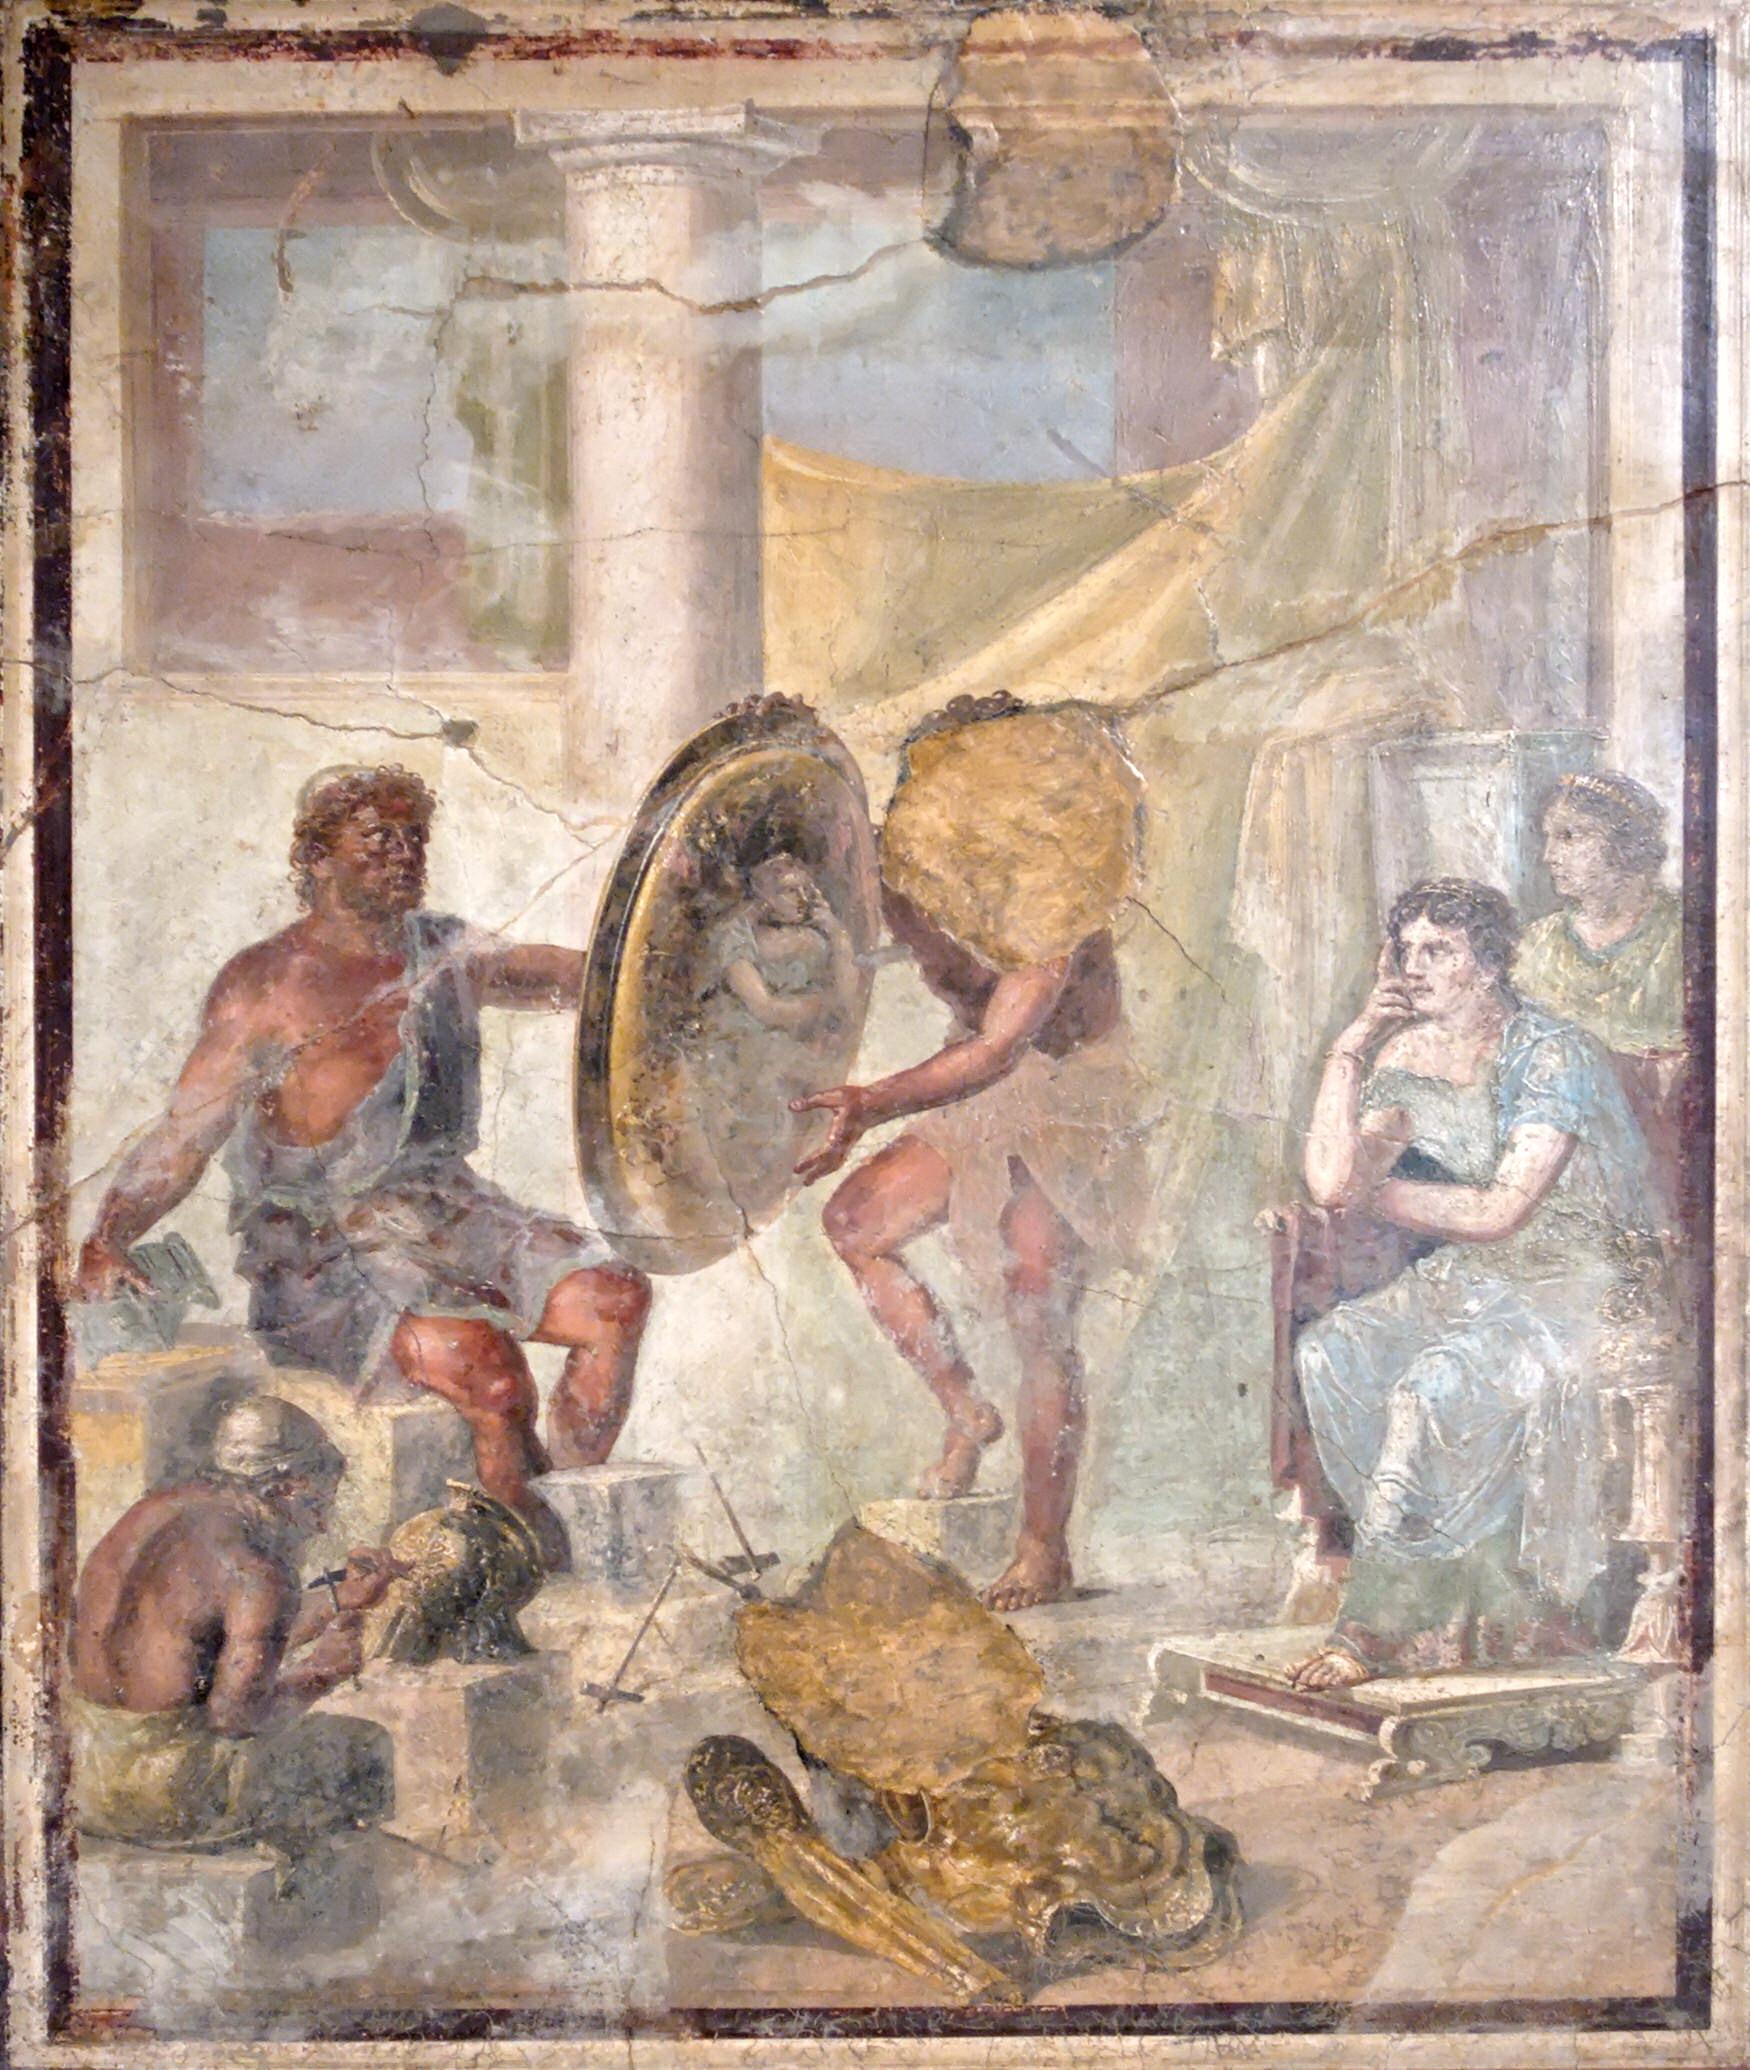 Teti attende le armi di Achille nella fucina di Efesto - Affresco romano della Casa del Triclinio a Pompei - Museo archeologico - Napoli